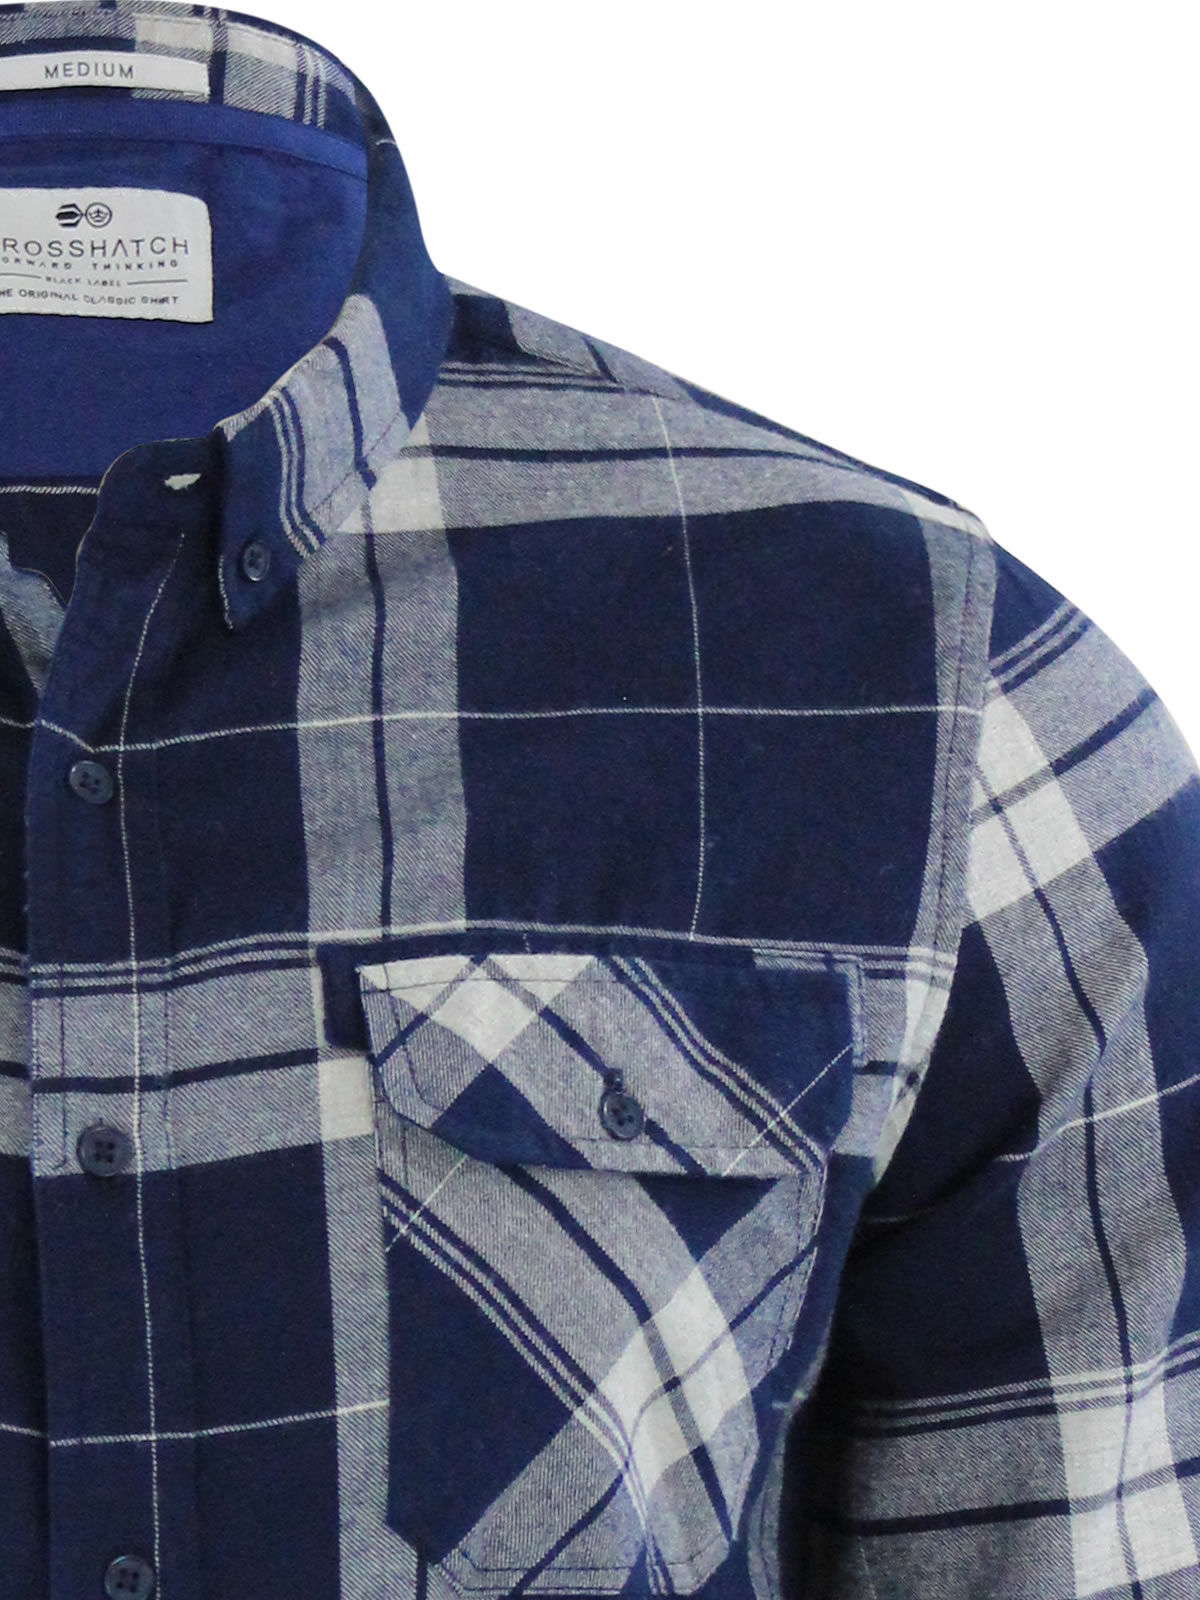 miniature 4 - Homme chemise à carreaux crosshatch mitty coton à col à manches longues top casual